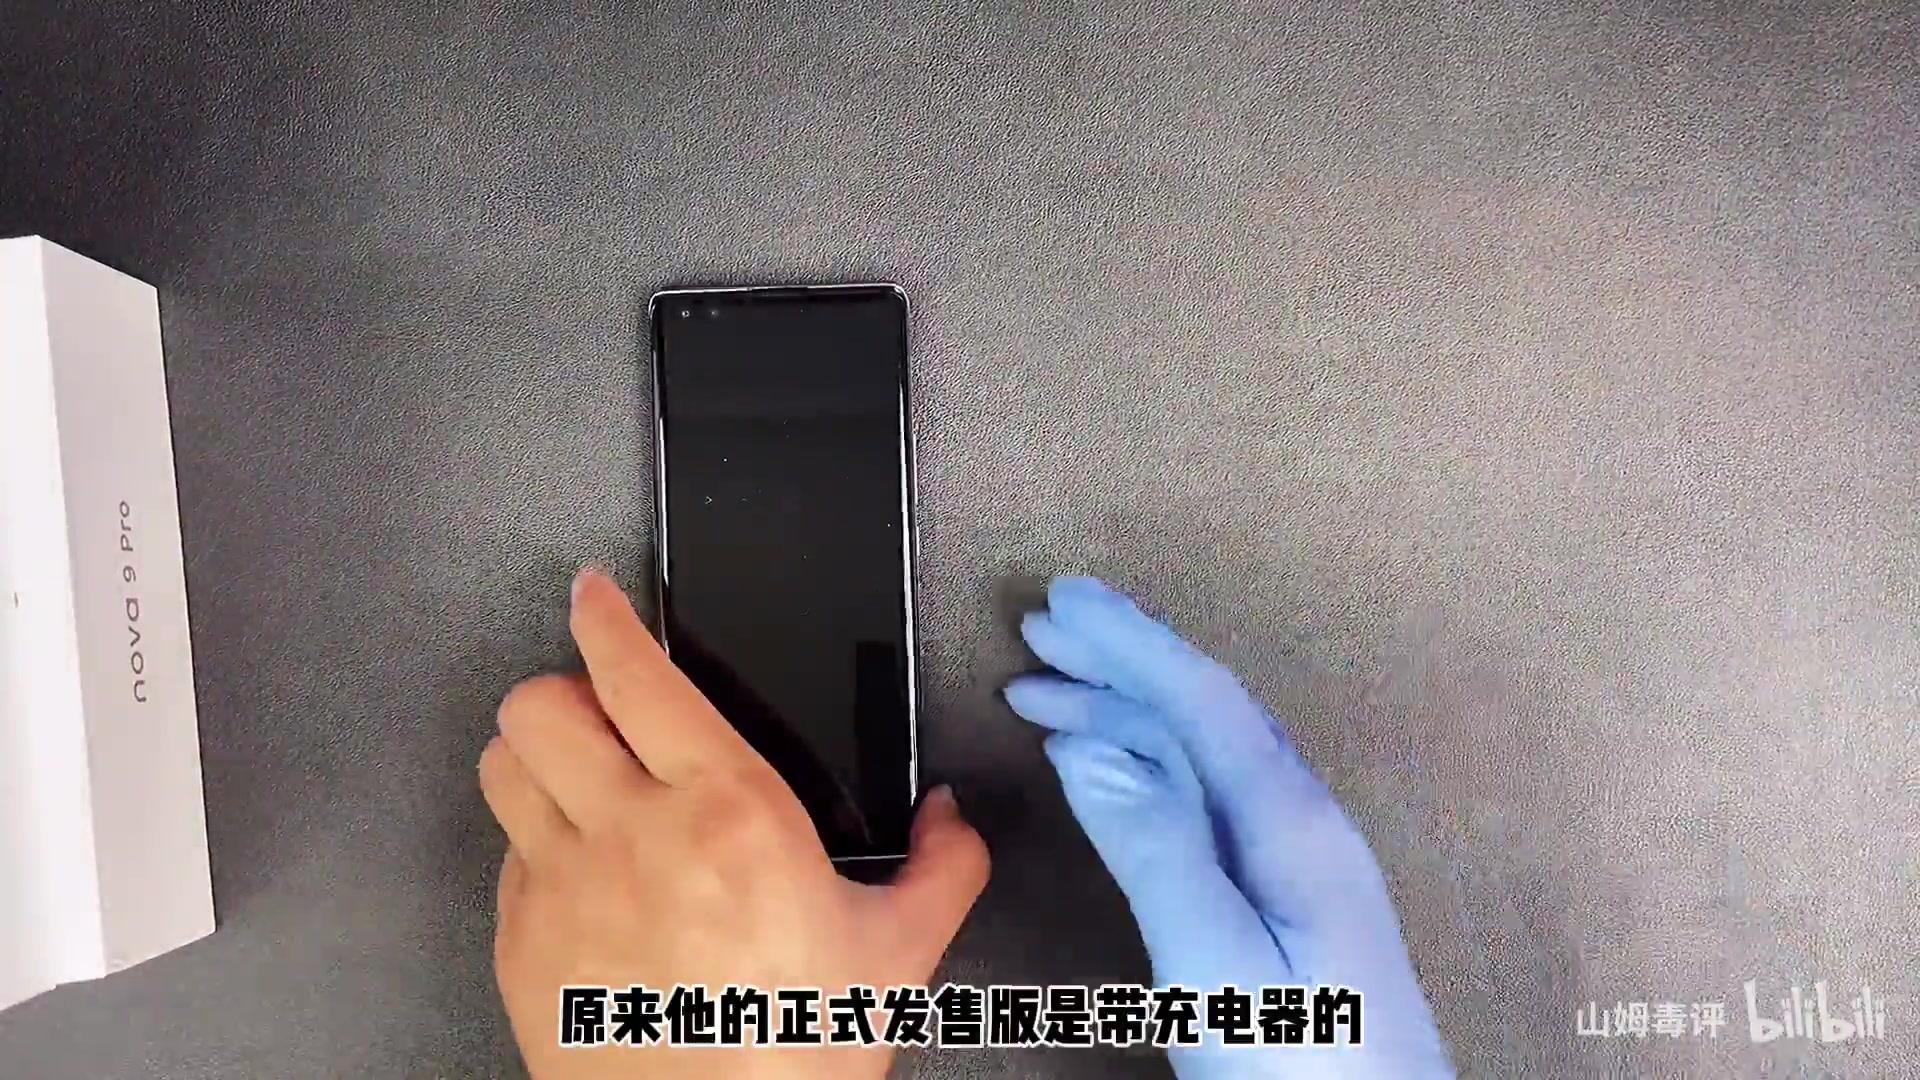 年轻人的第一台鸿蒙手机,华为nova 9 Pro 开箱初体验,华为nova 9系列-花粉俱乐部